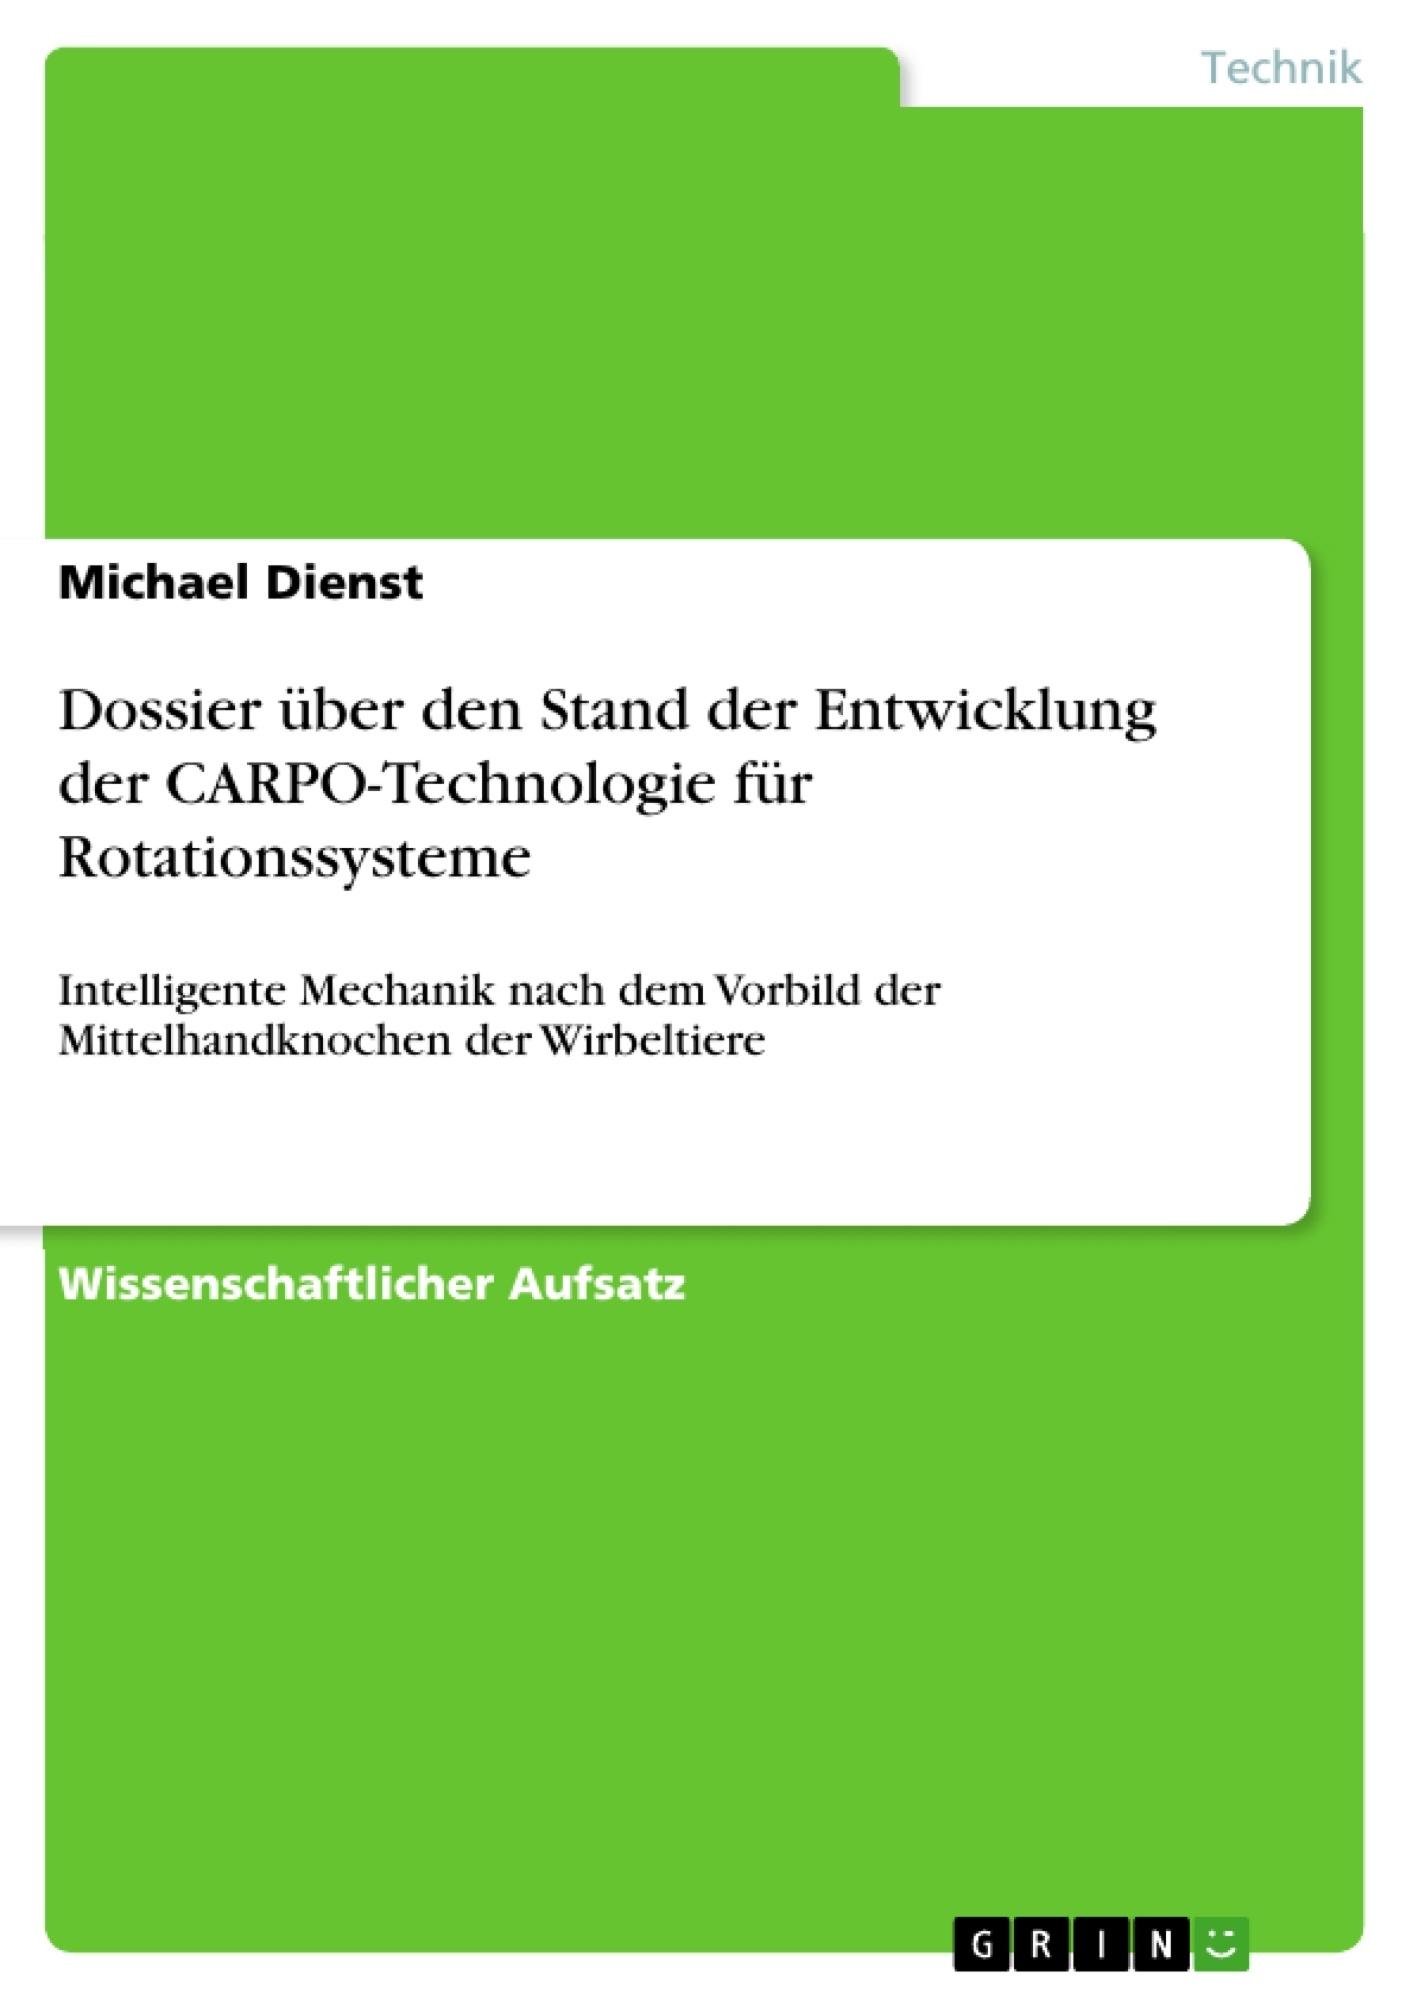 Titel: Dossier über den Stand der Entwicklung der CARPO-Technologie für Rotationssysteme